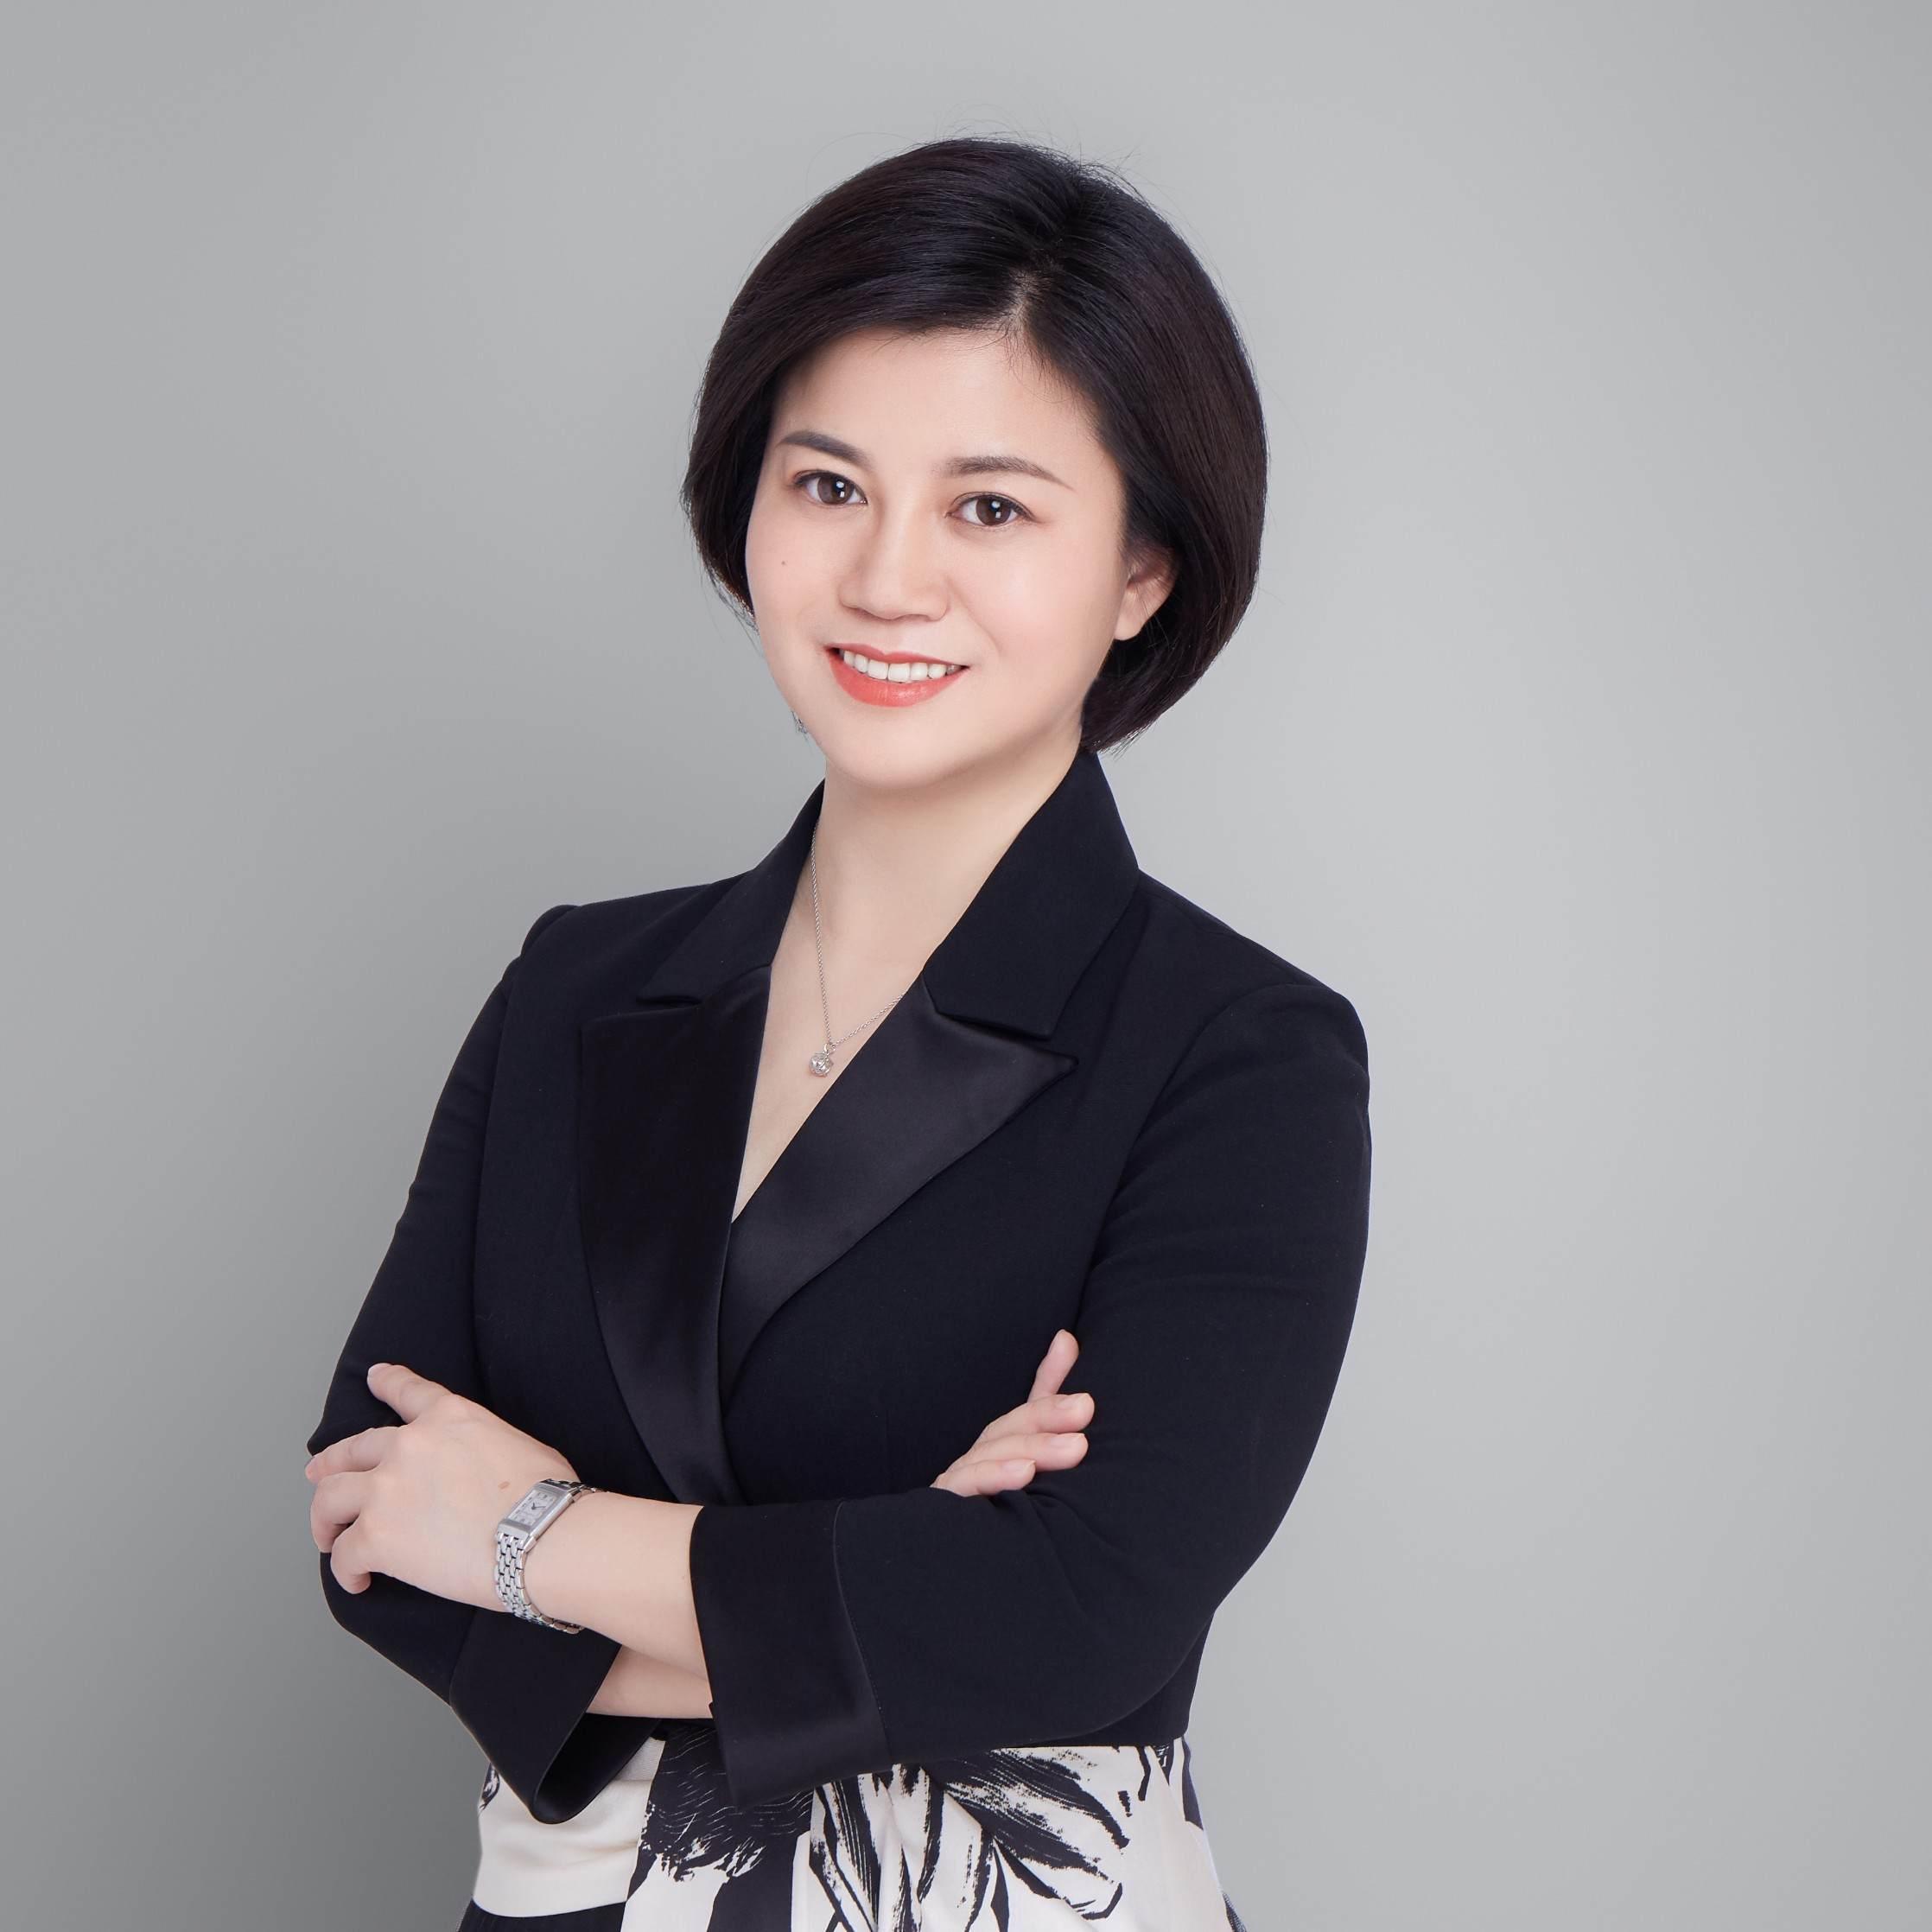 一位连续创业的职场女性,壹创新商学创始人,职场人的管理教练。